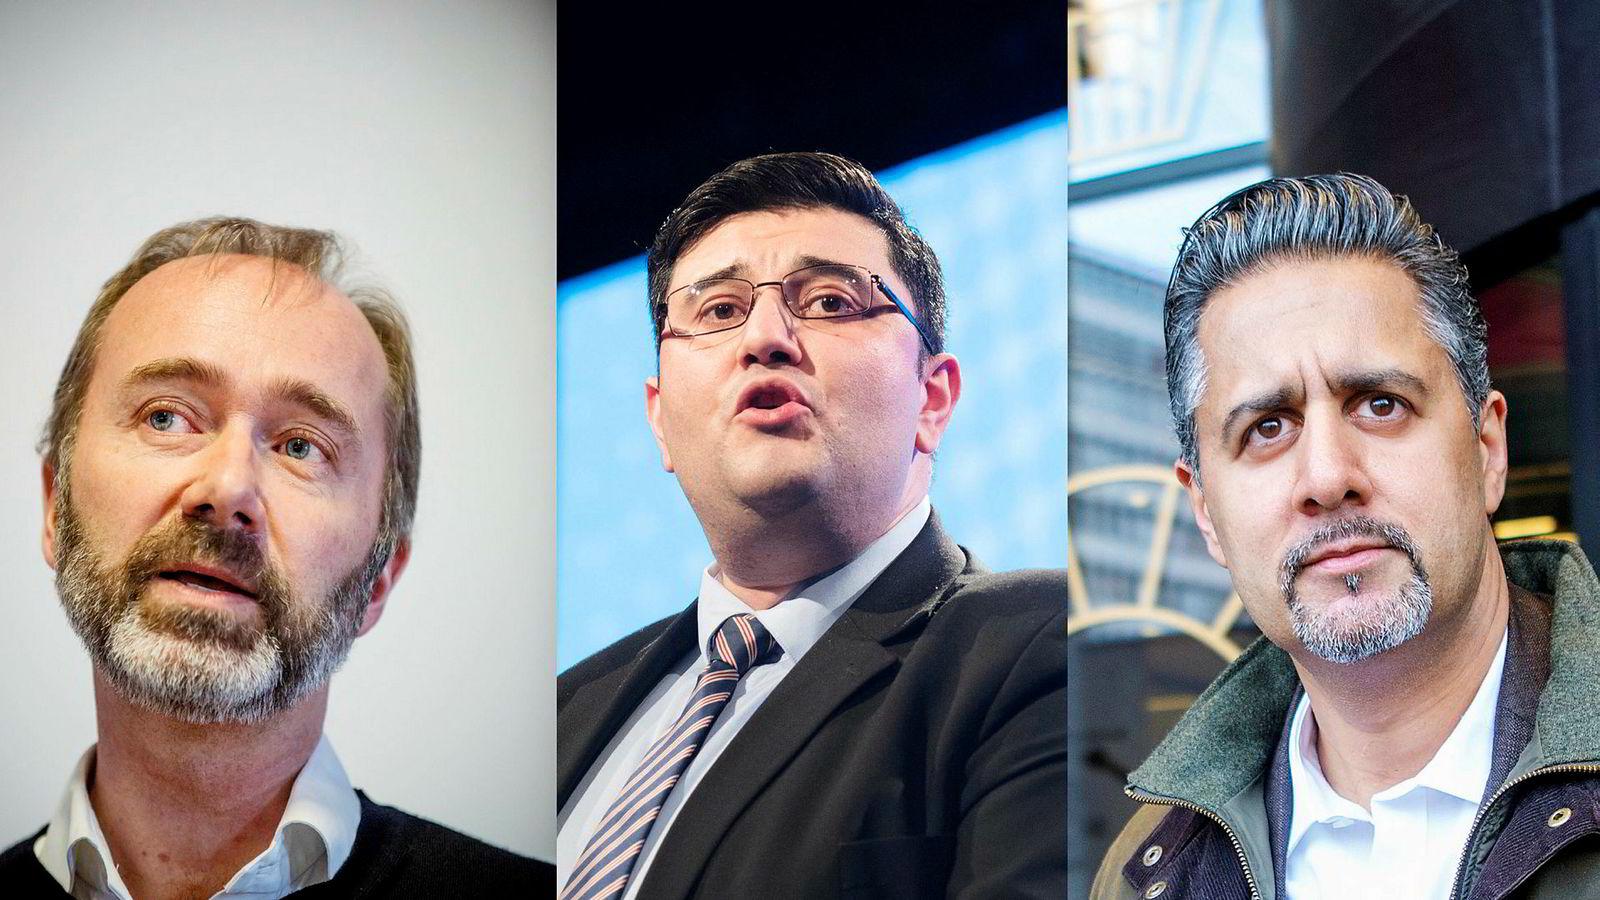 Topp-politikerne Trond Giske, Mazyar Keshvari og Abid Raja har det til felles at de ble sykmeldt etter stormfulle hendelser.